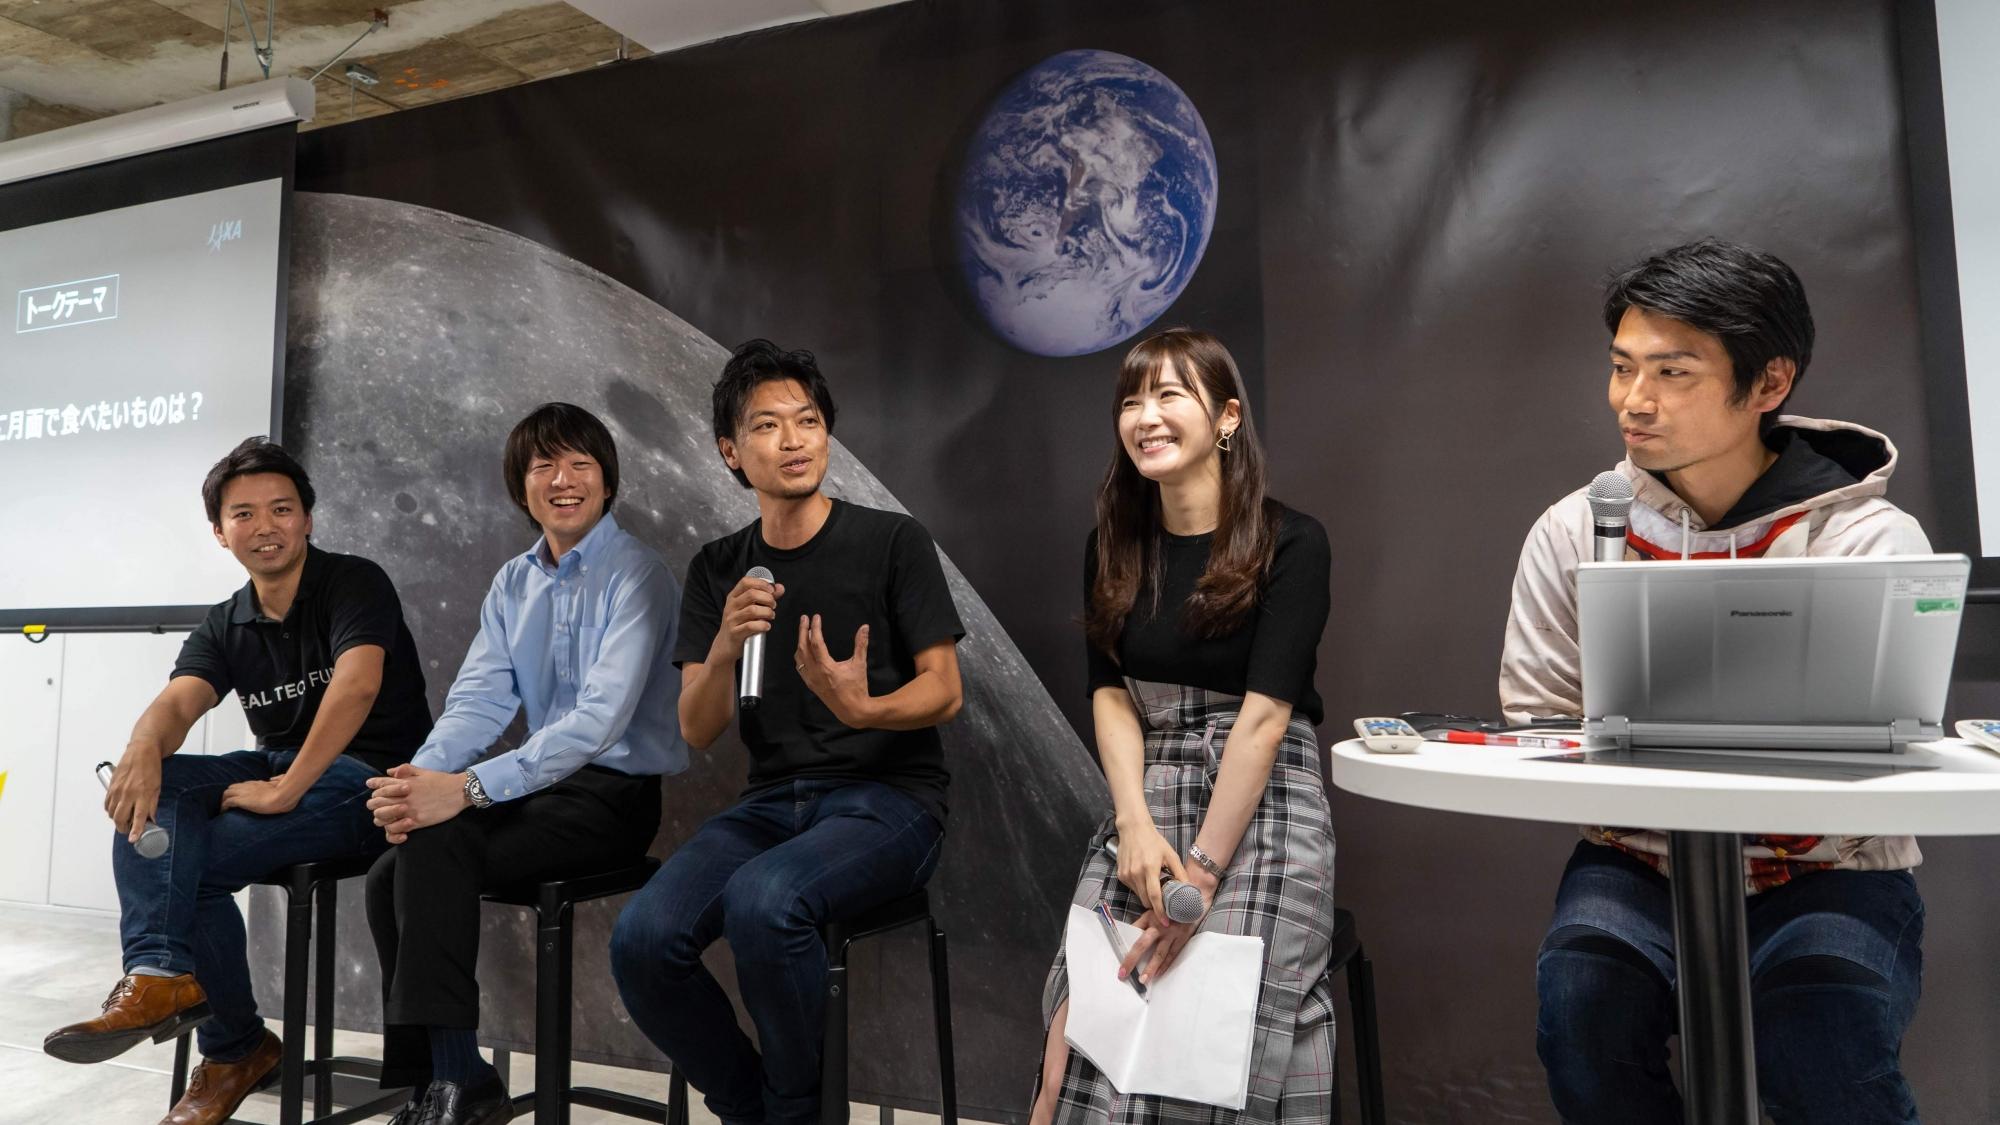 【パネルセッション②】月面×フード×マーケティング~人類は月で何を食べるのか、食が月面ビジネスをリードする?~